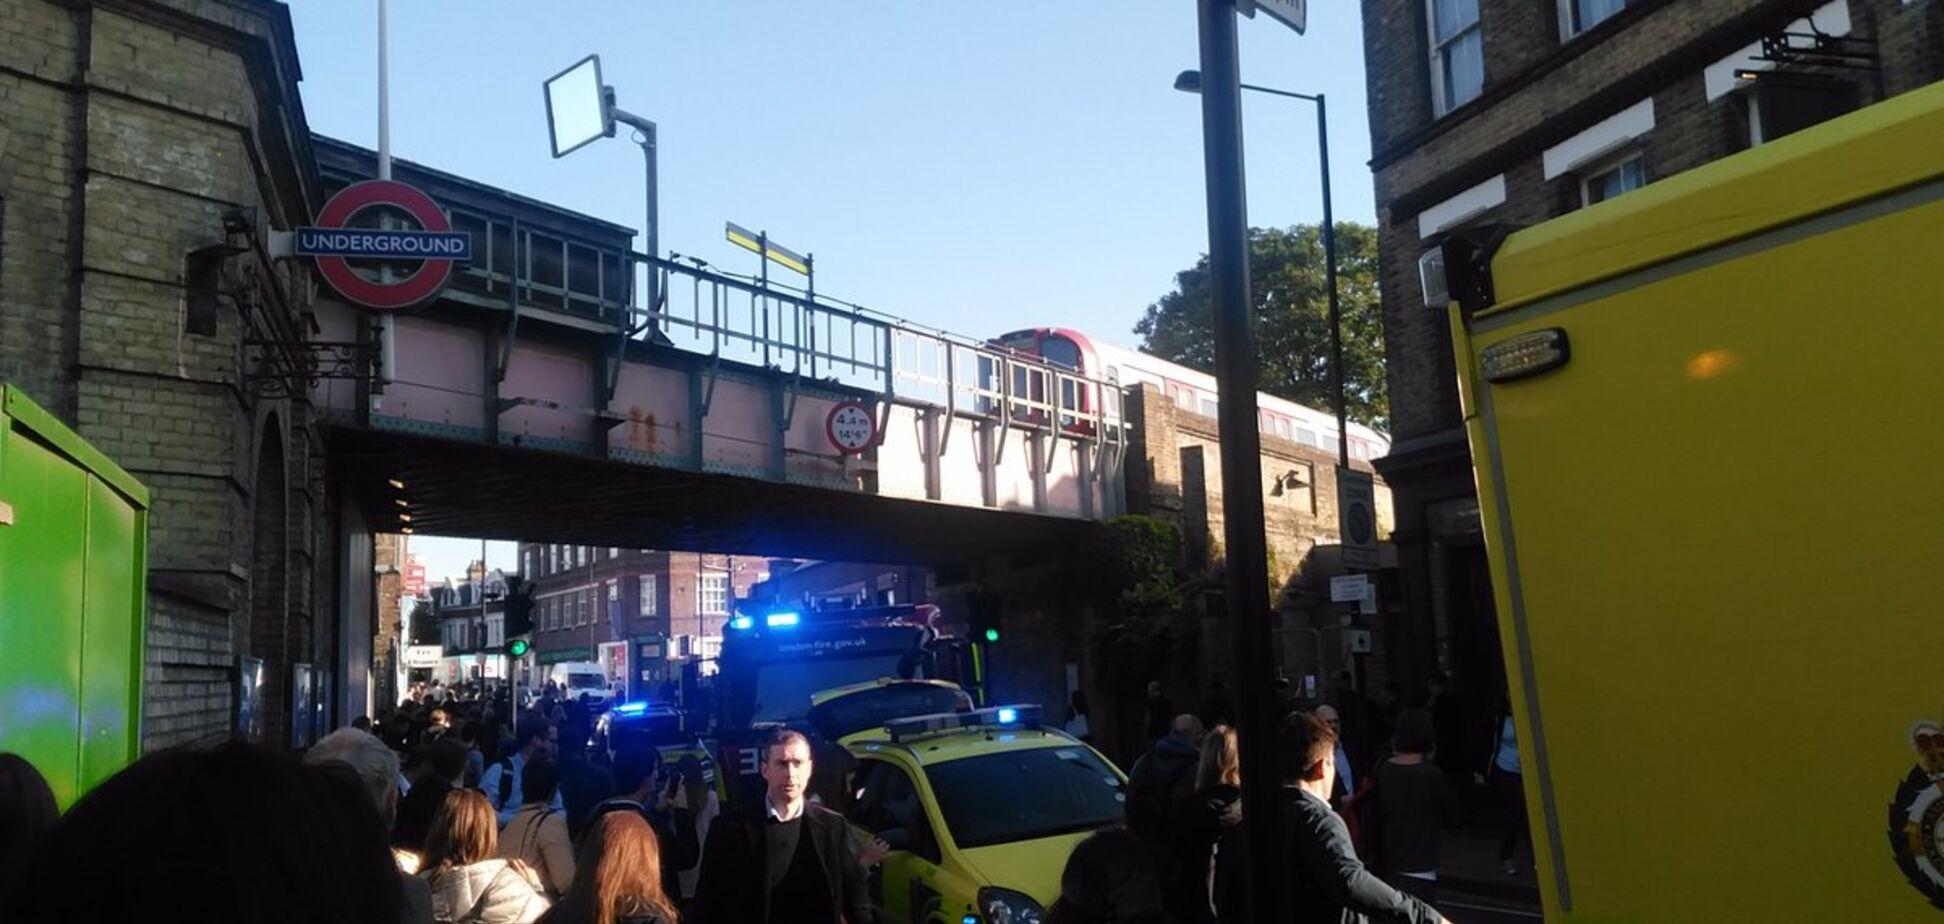 Вибух у метро Лондона: з'явилися фото і відео